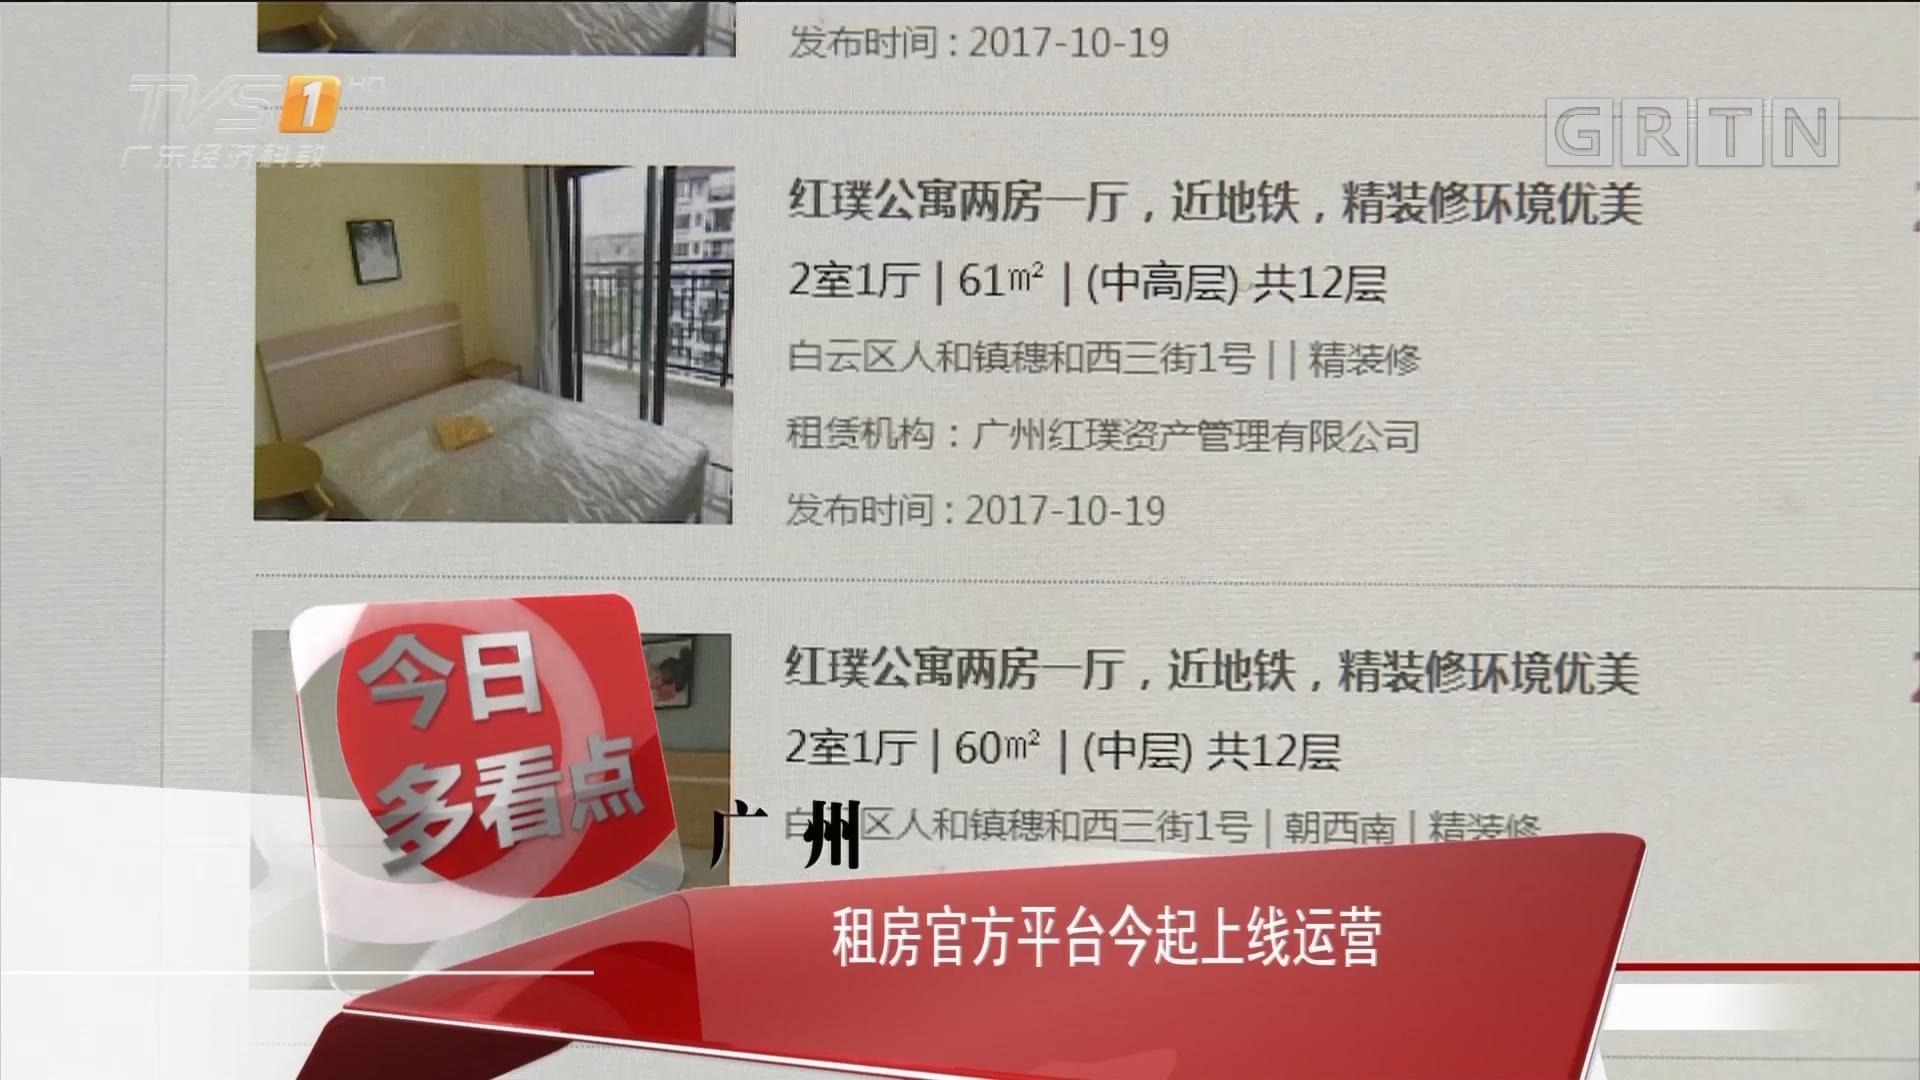 广州:租房官方平台今起上线运营